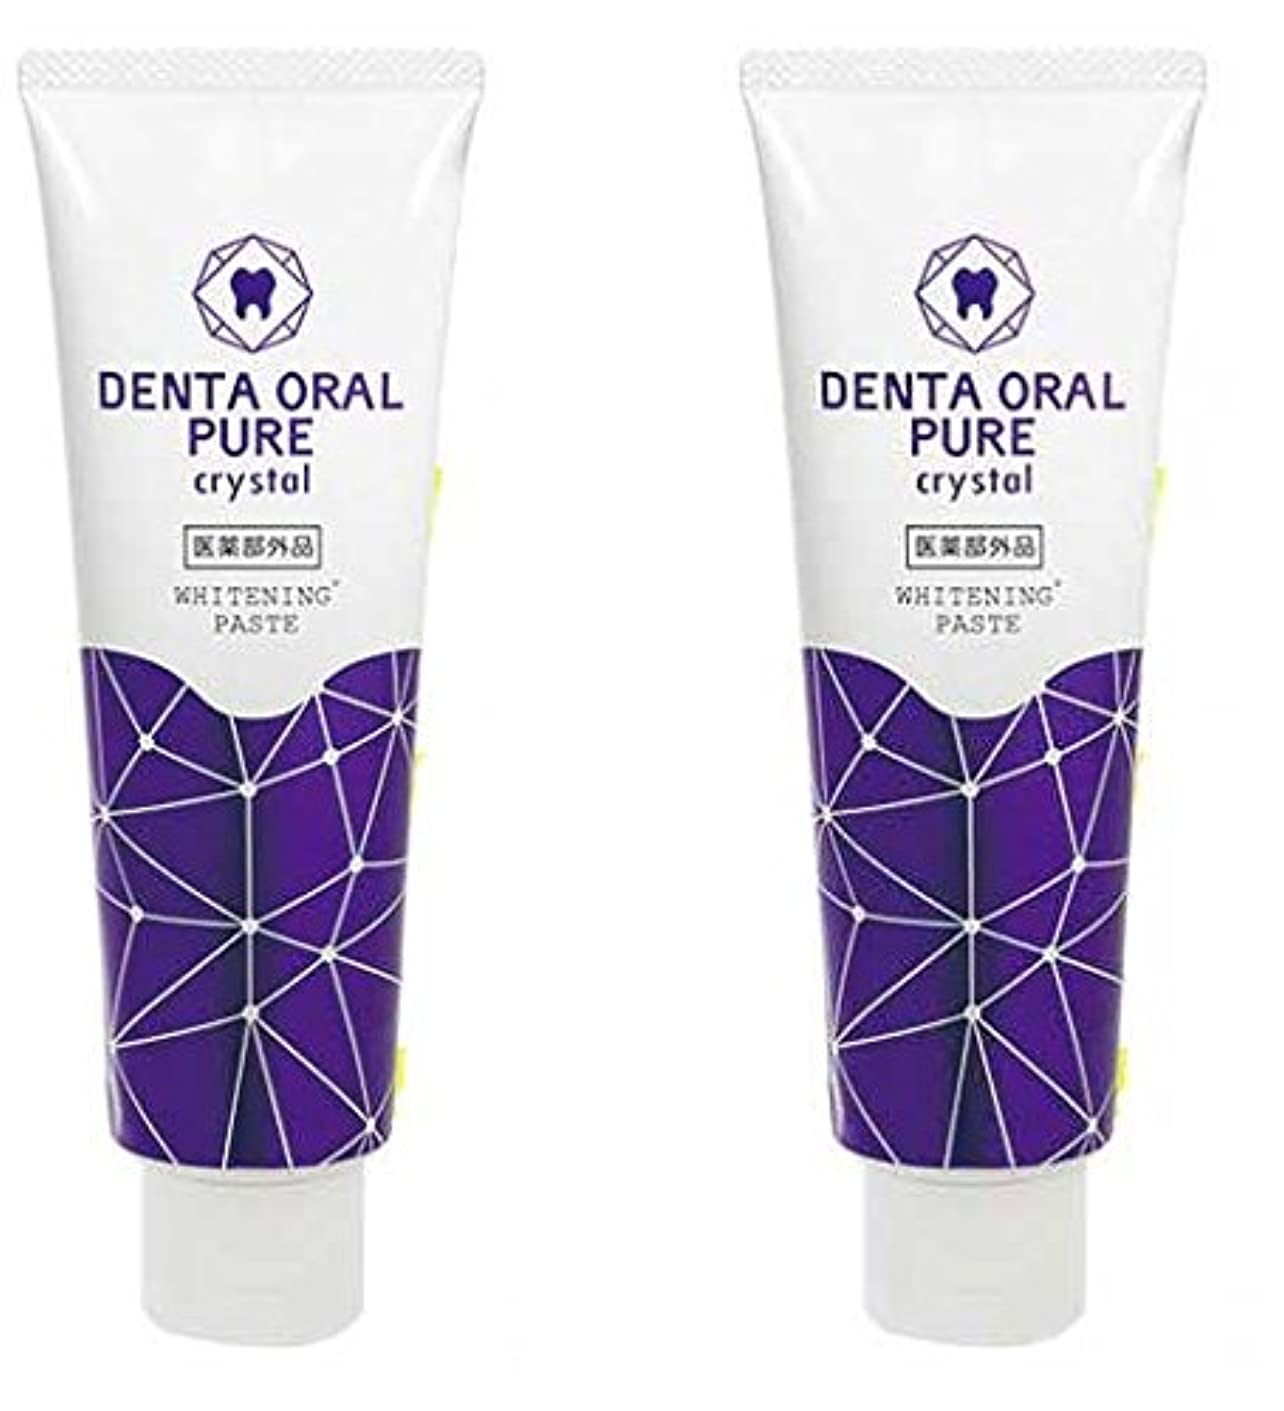 不足麻痺させるスタックホワイトニング歯磨き粉 デンタオーラルピュア クリスタル 2個セット 医薬部外品